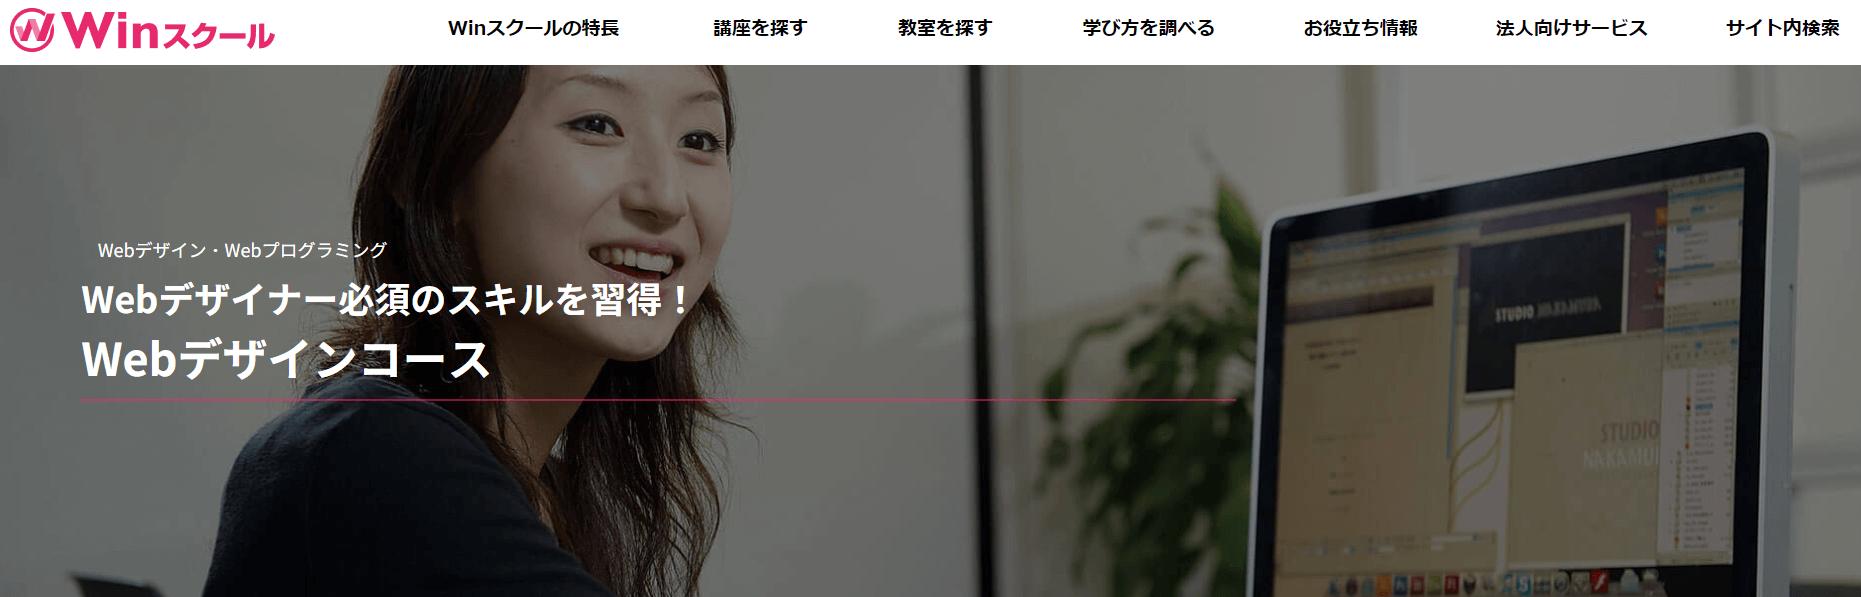 webデザイン_スクール_社会人におすすめ_winスクール